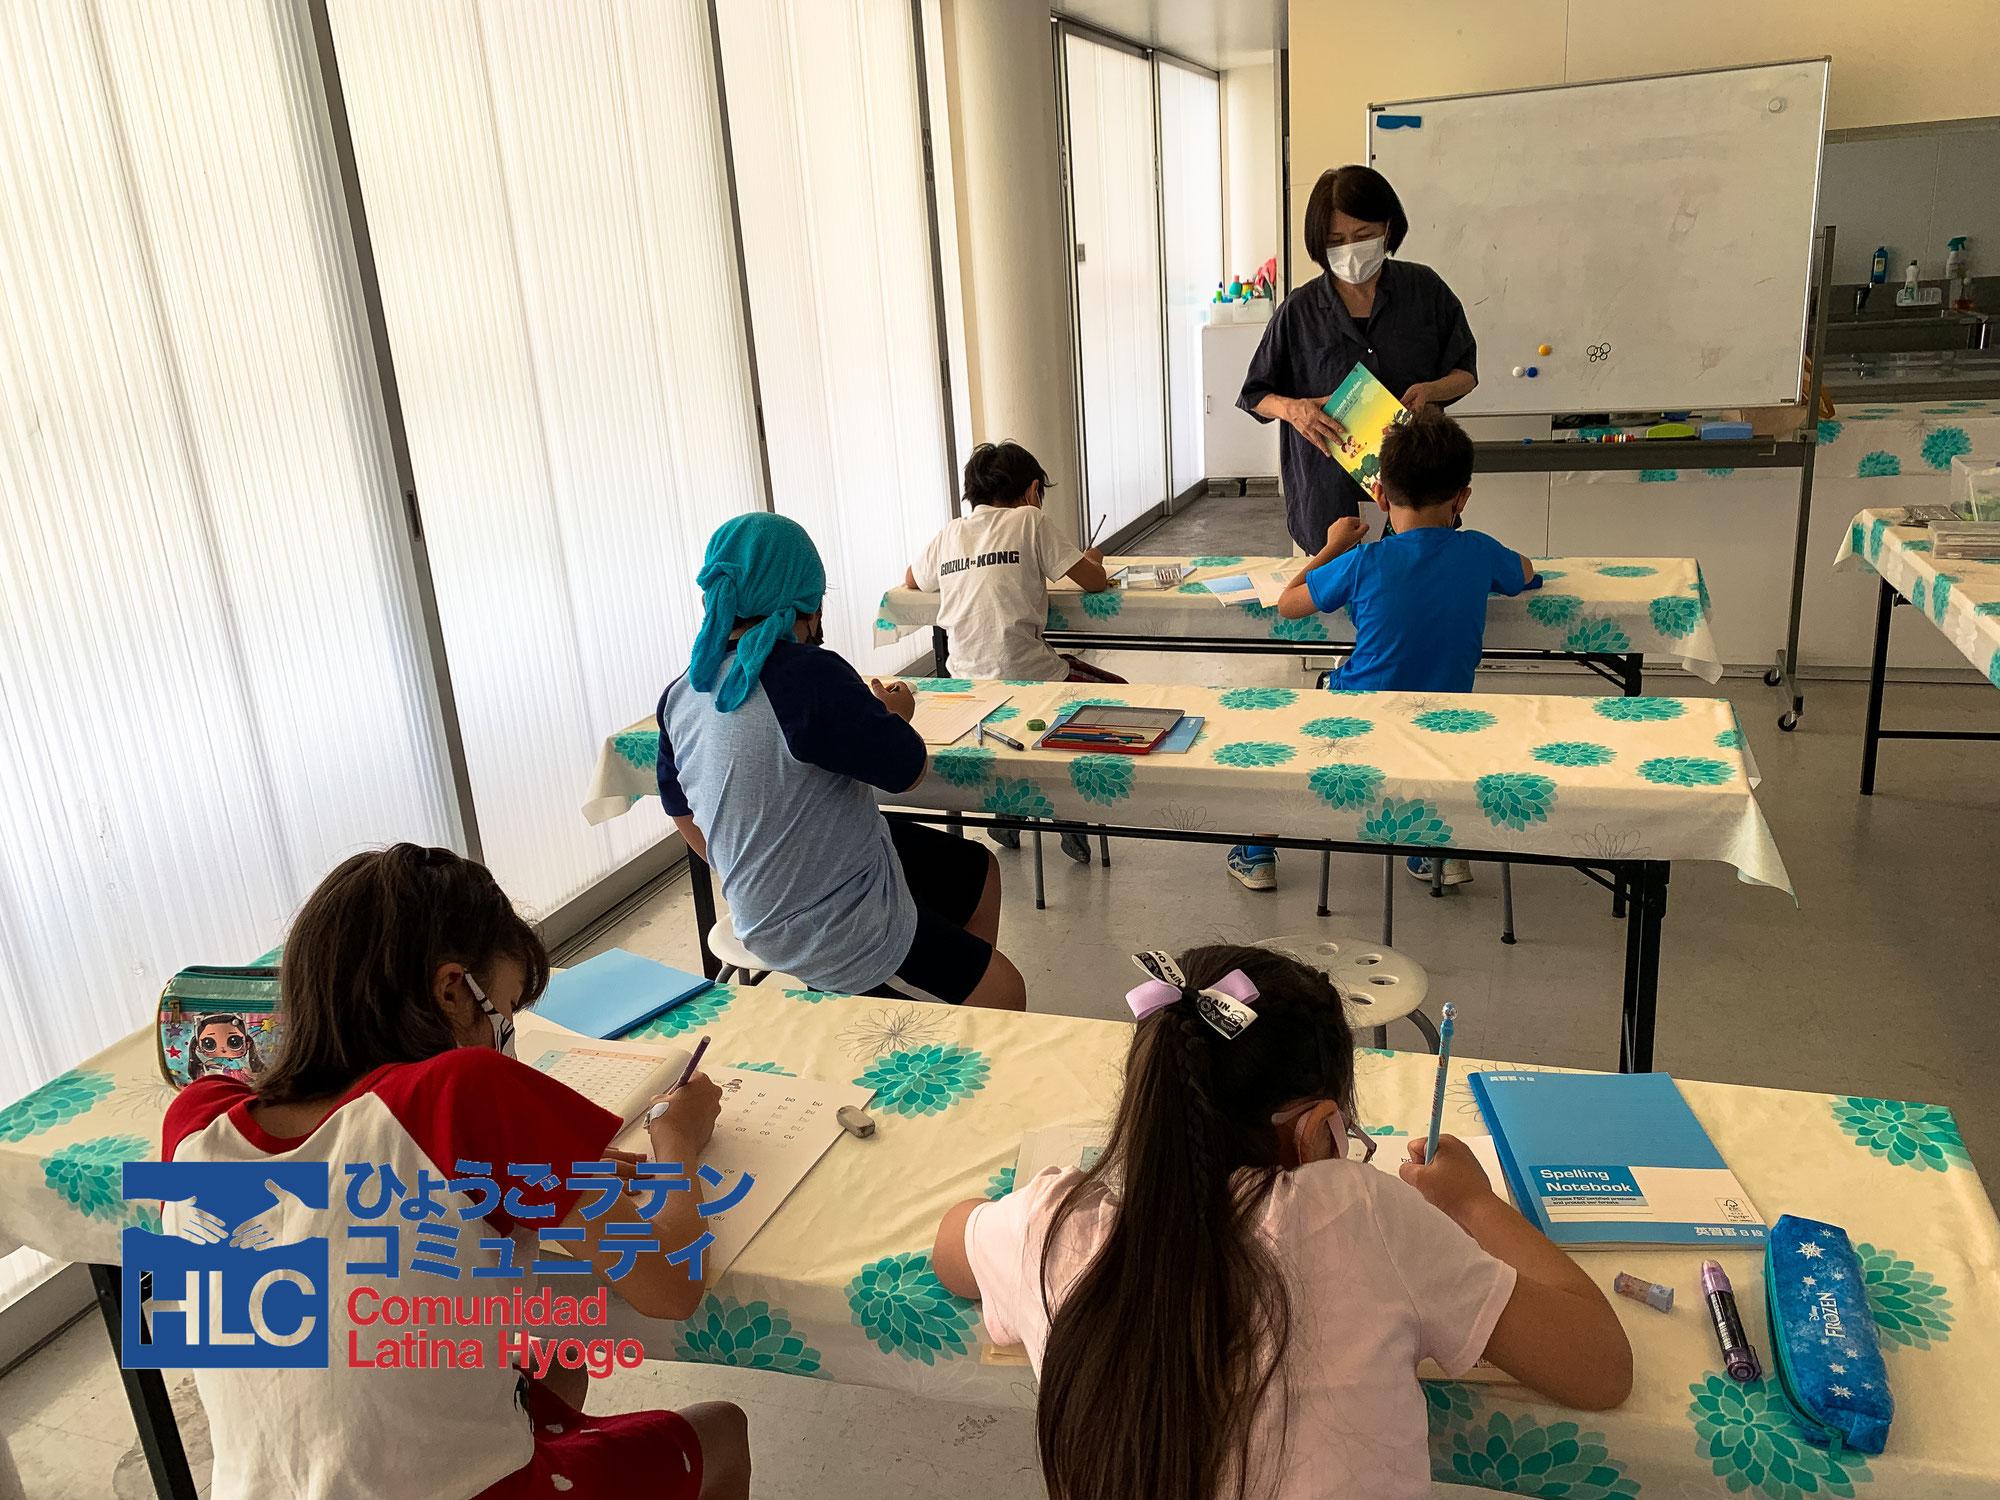 ◆◆母語教室 Amigos sin Fronteras 7月24目の授業/ Segunda clase de julio 2021◆◆